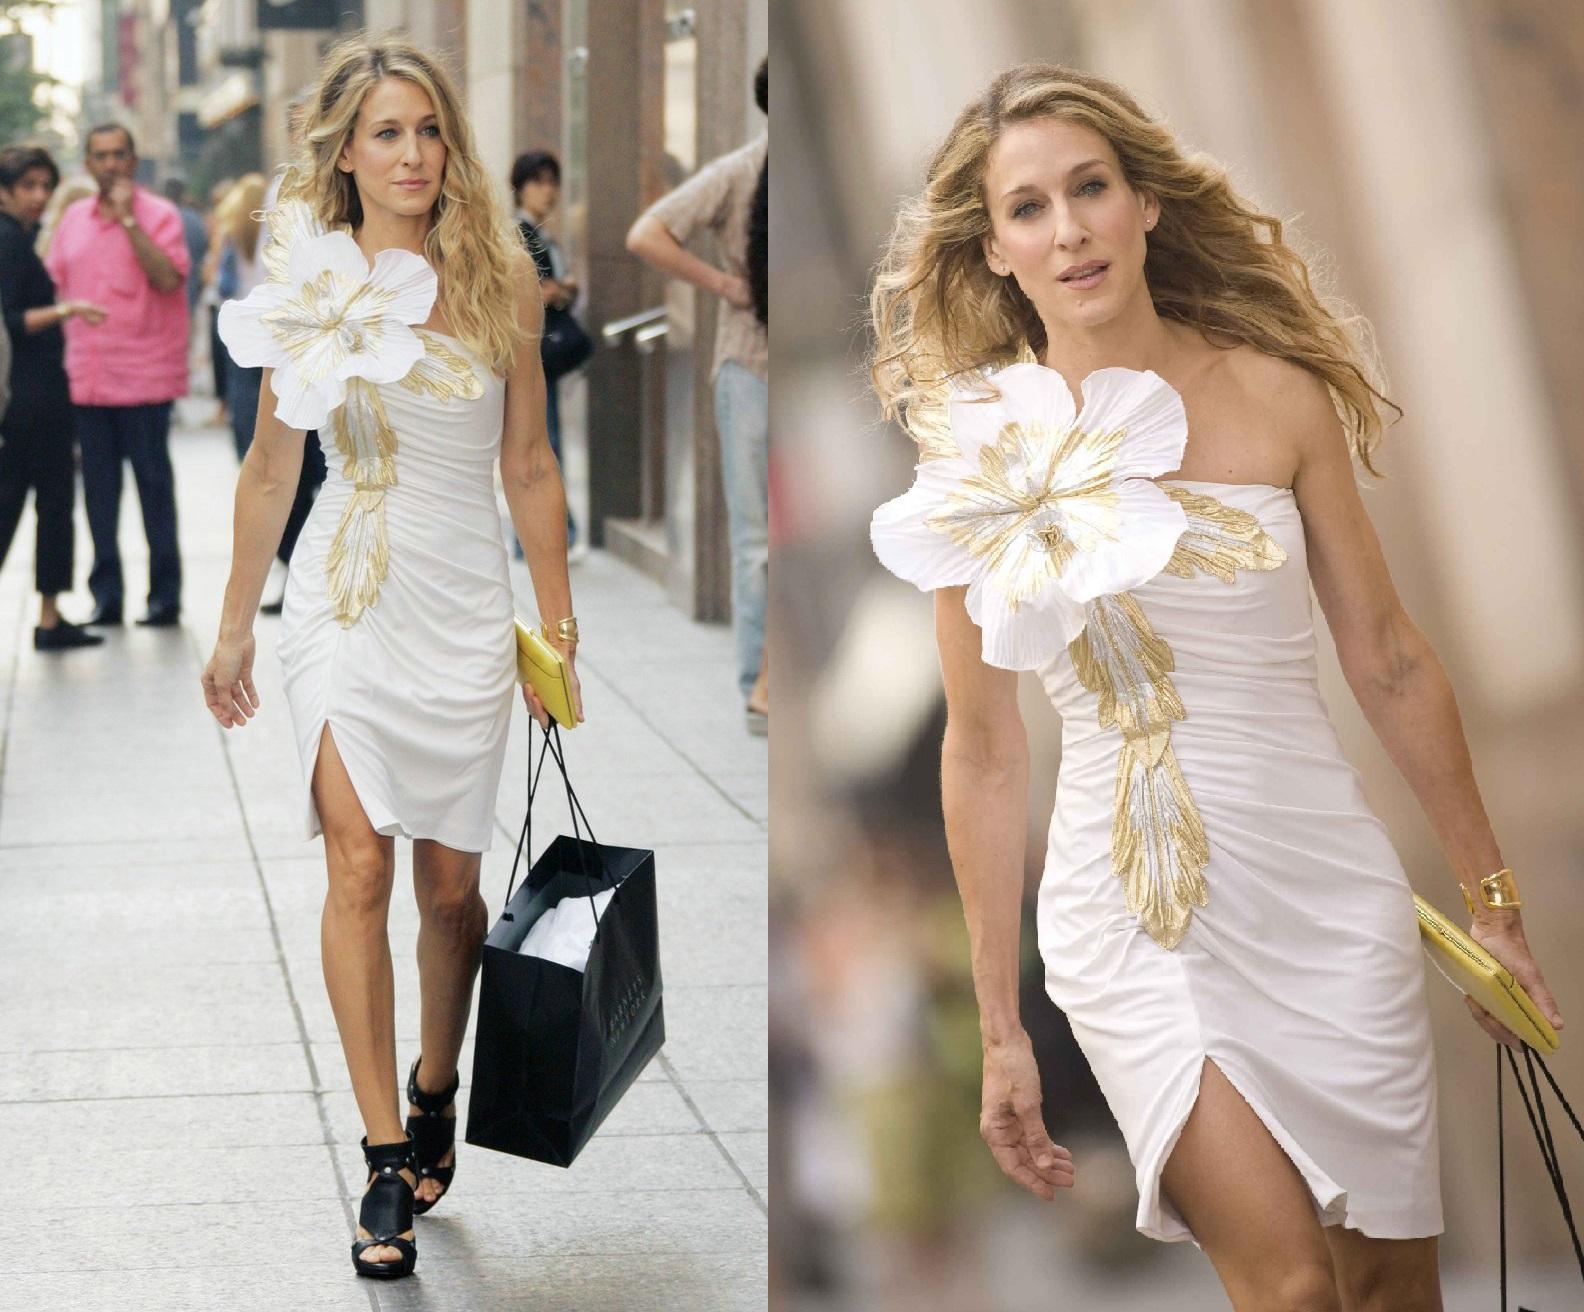 Seks w wielkim mieście - biała sukienka